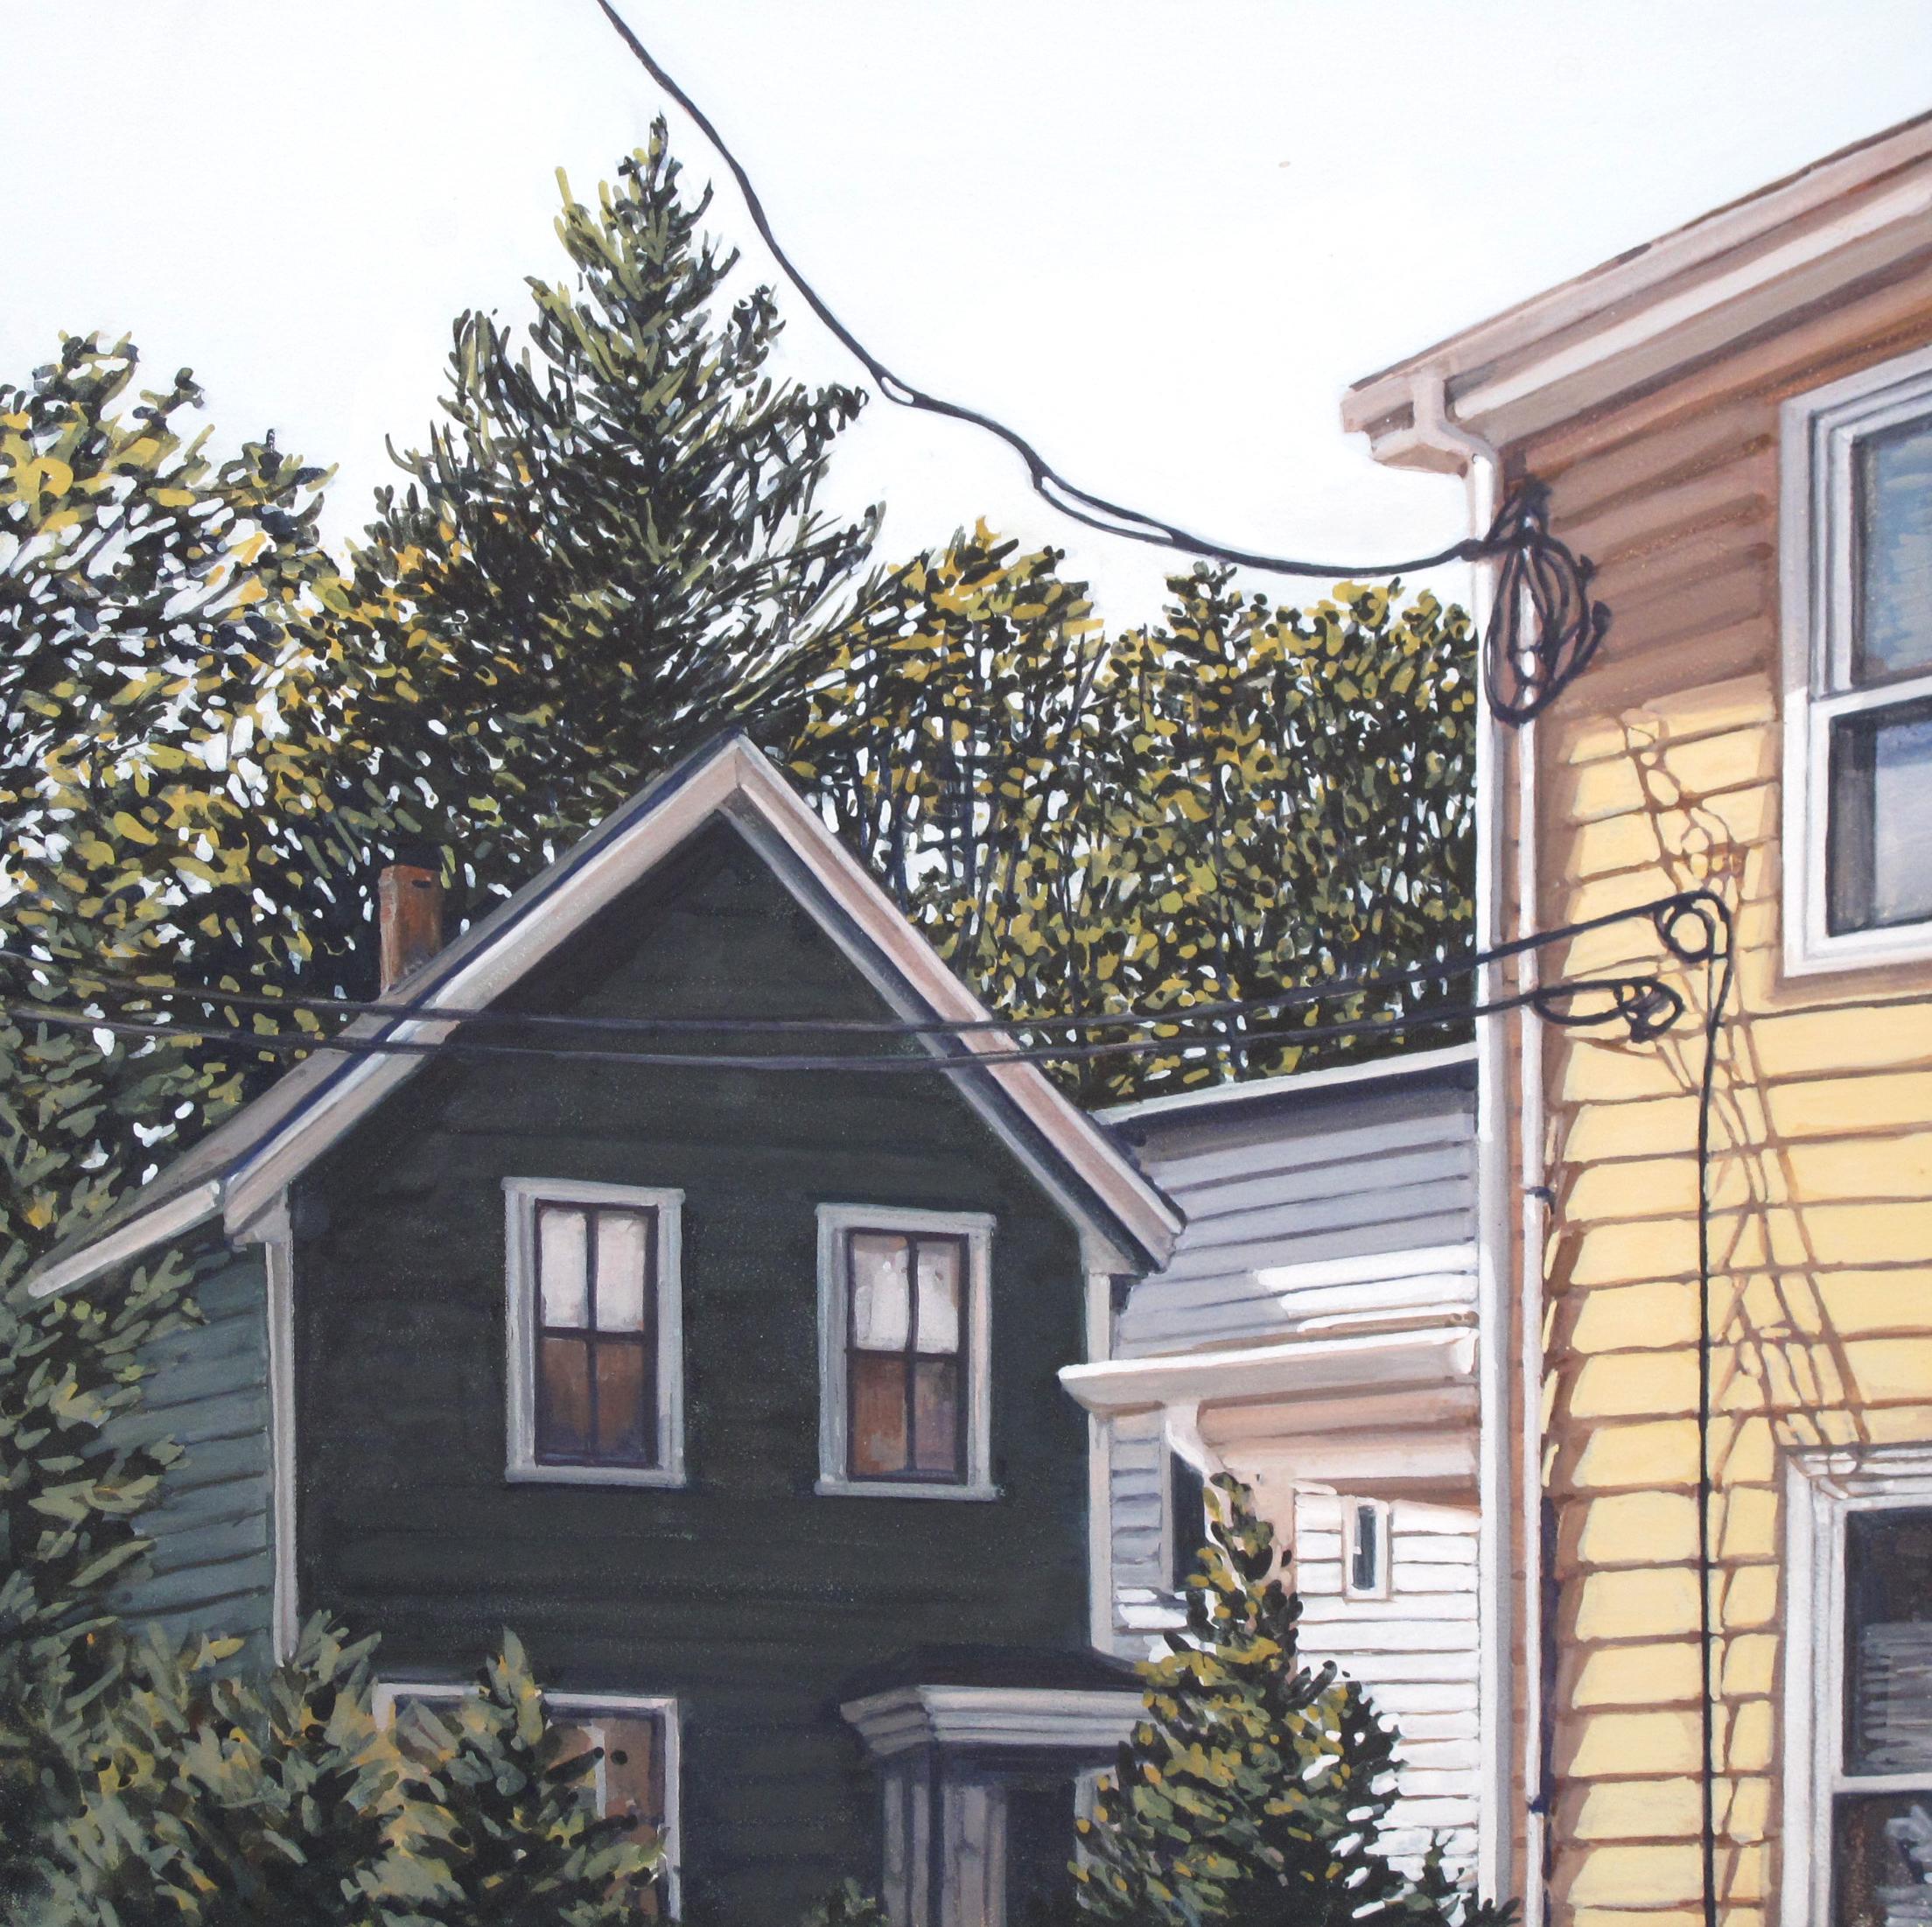 Neighborhood #2, 2016 (SOLD)